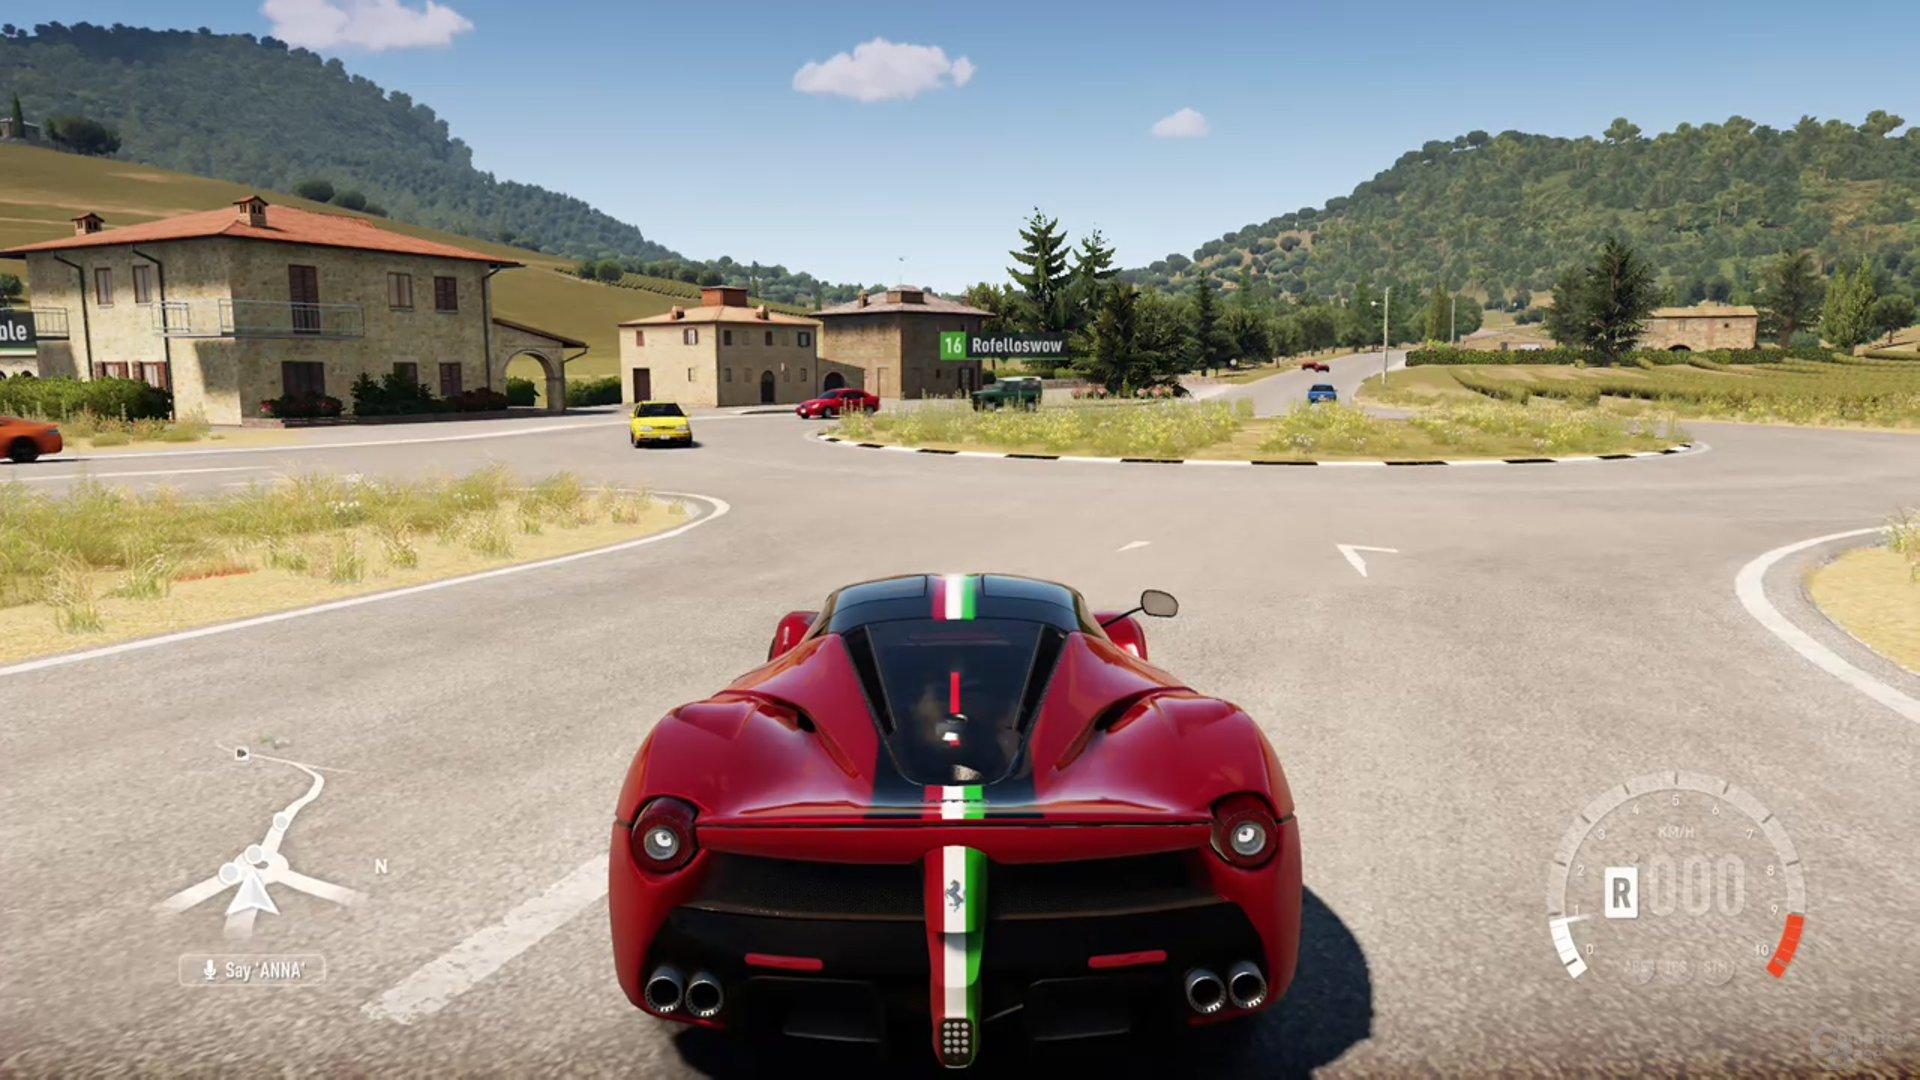 Xbox-Streaming über 802.11n-WLAN (Windows 10)